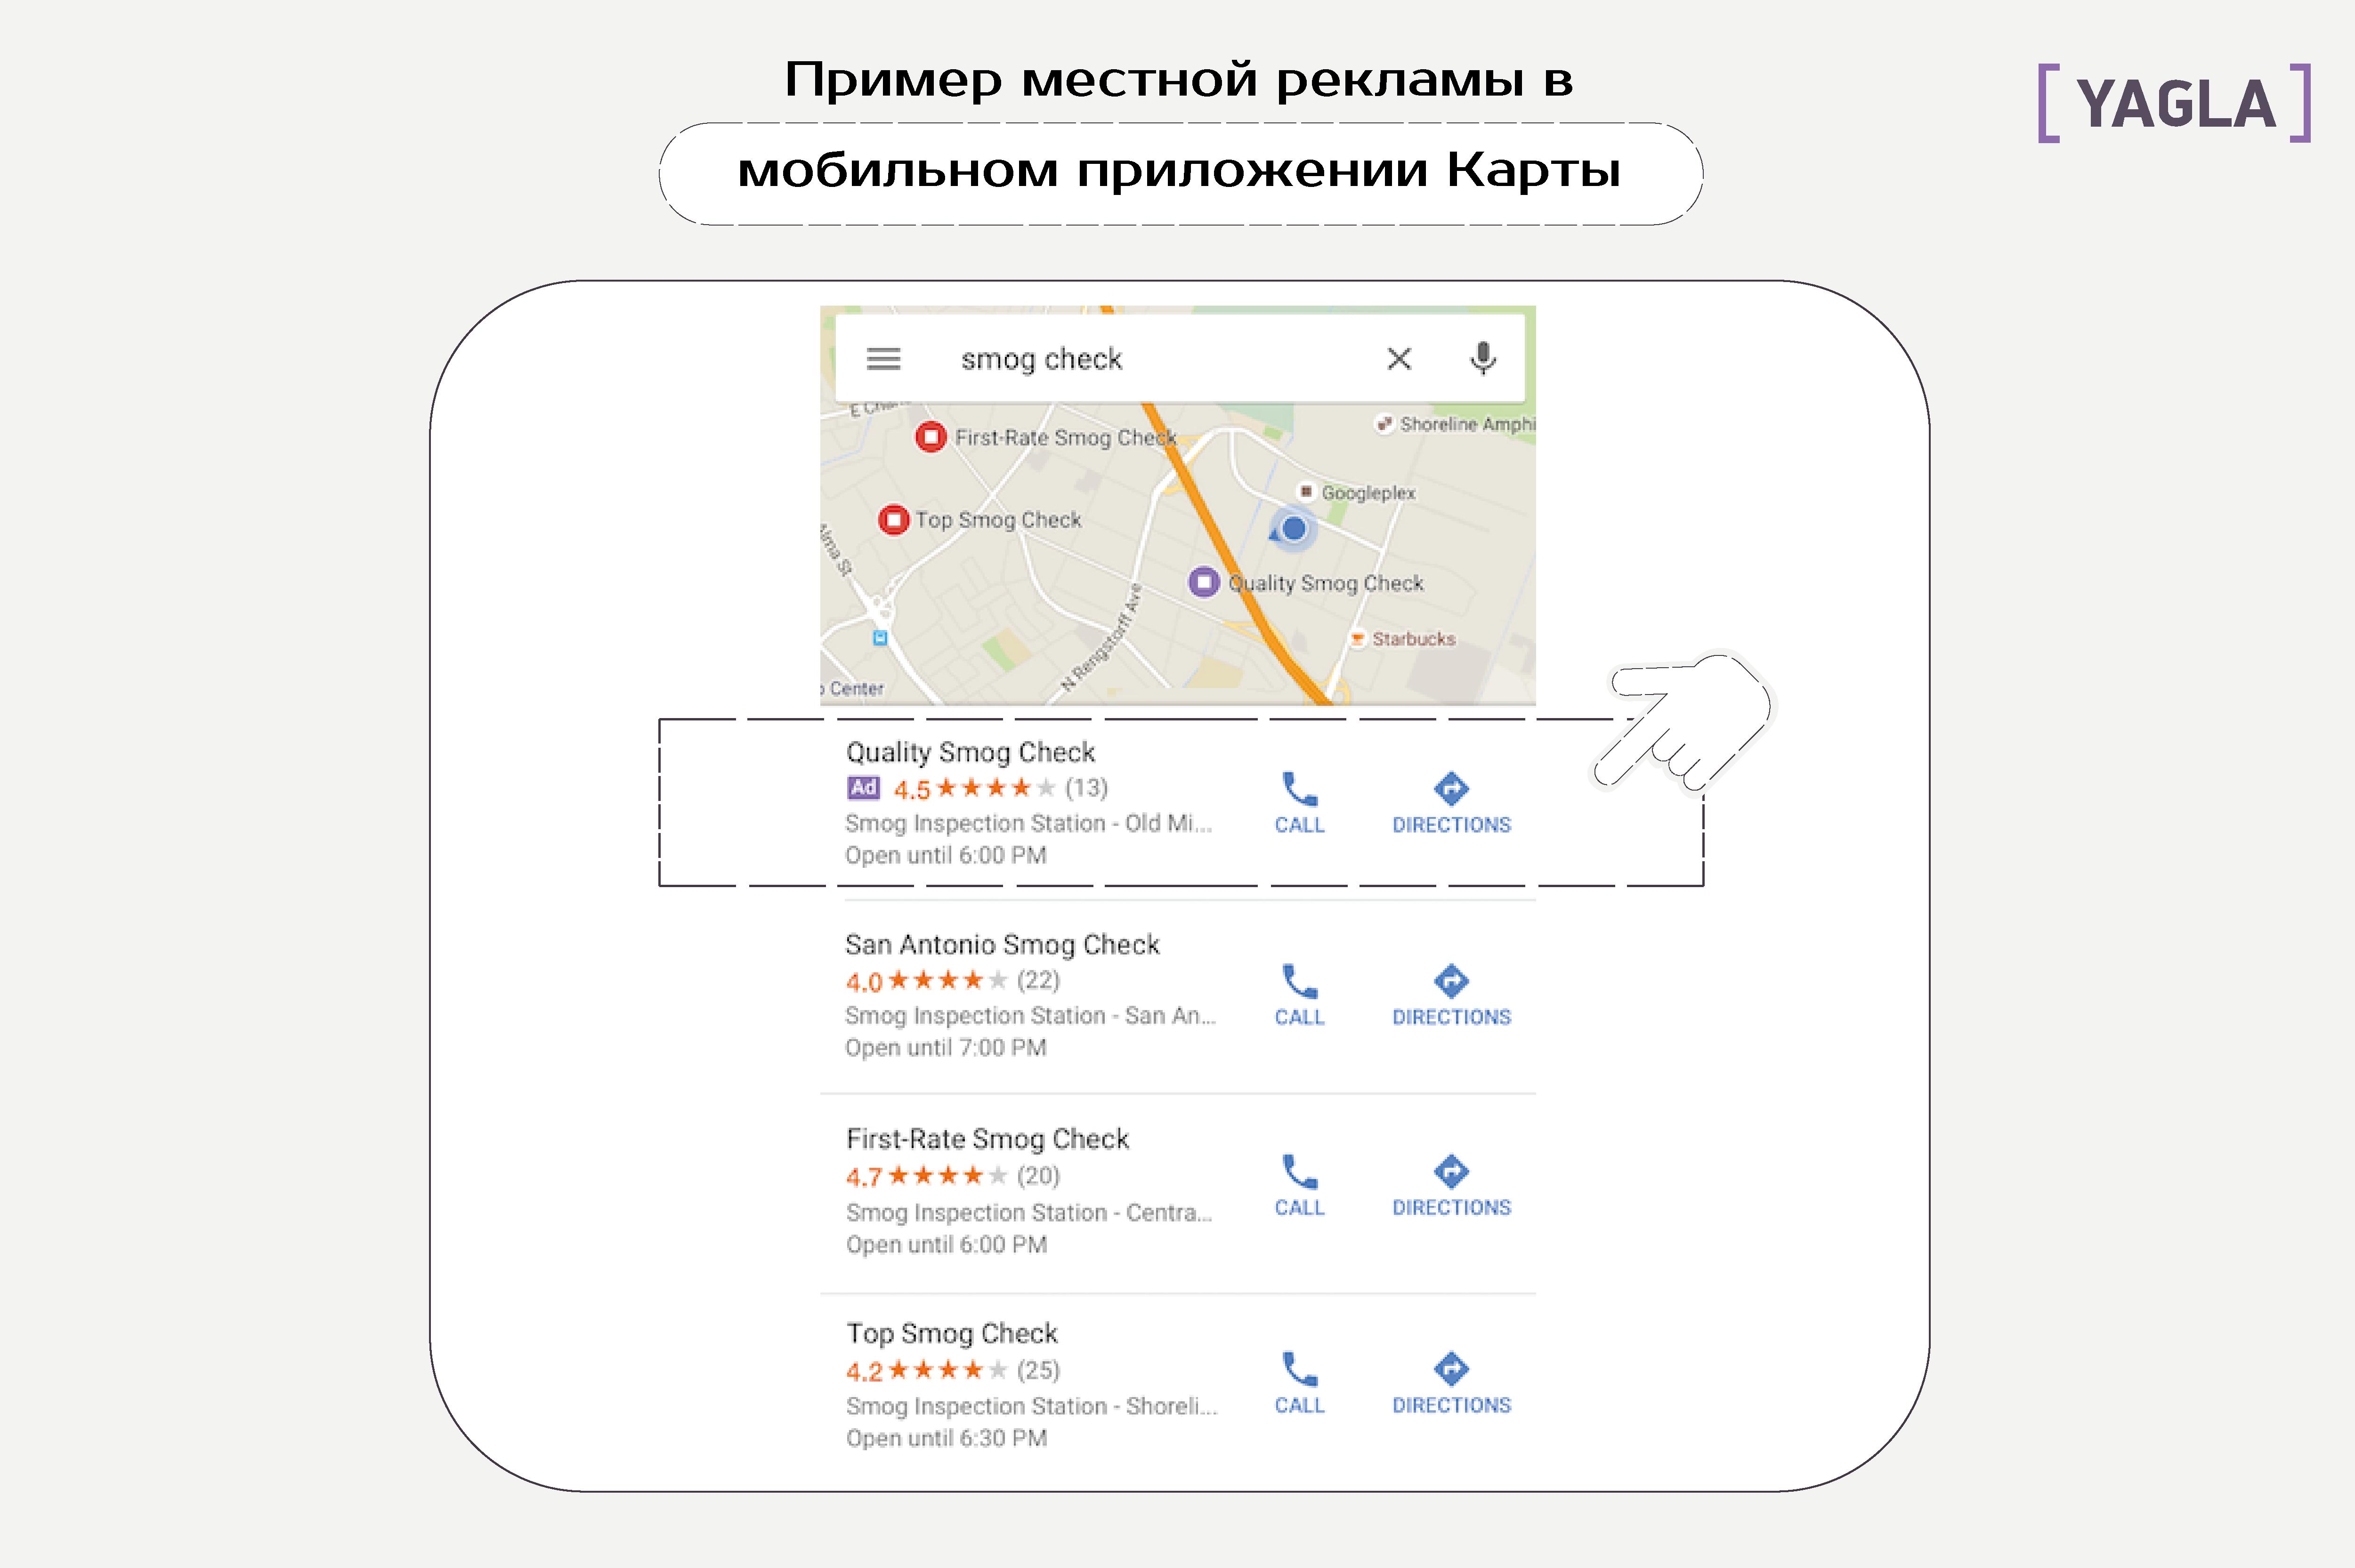 Пример местной рекламы в мобильном приложении Карты